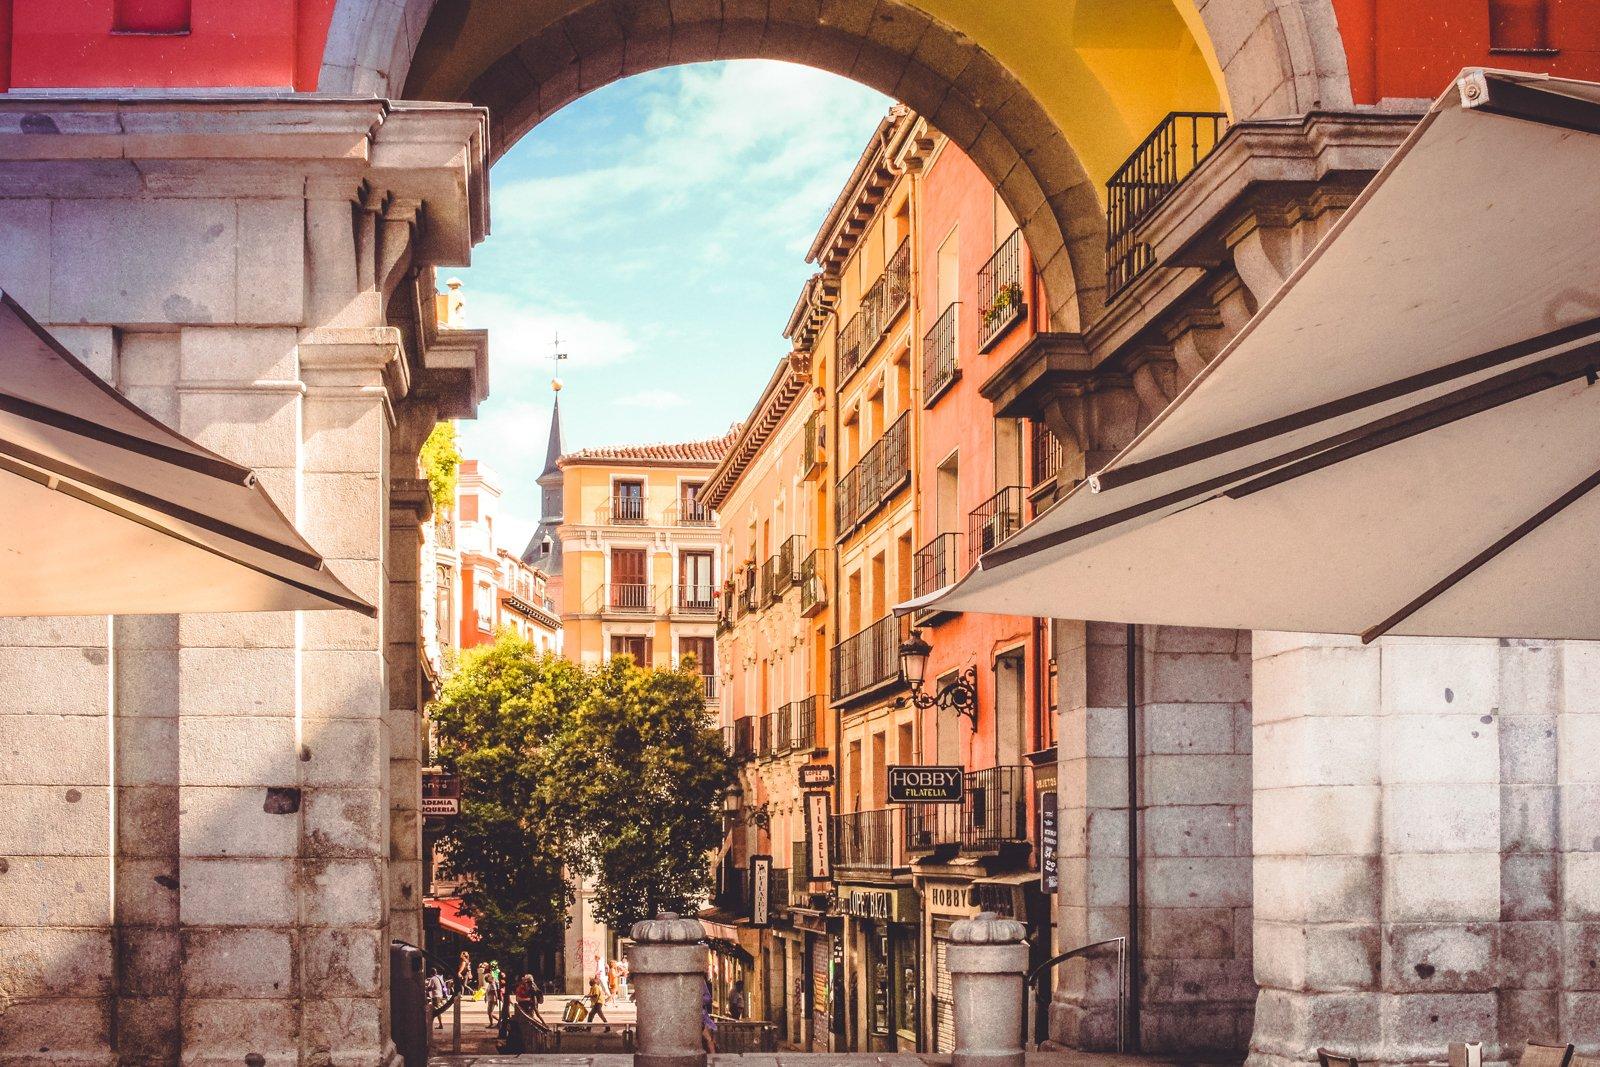 Dit zijn de leukste bezienswaardigheden en tips voor een stedentrip Madrid!